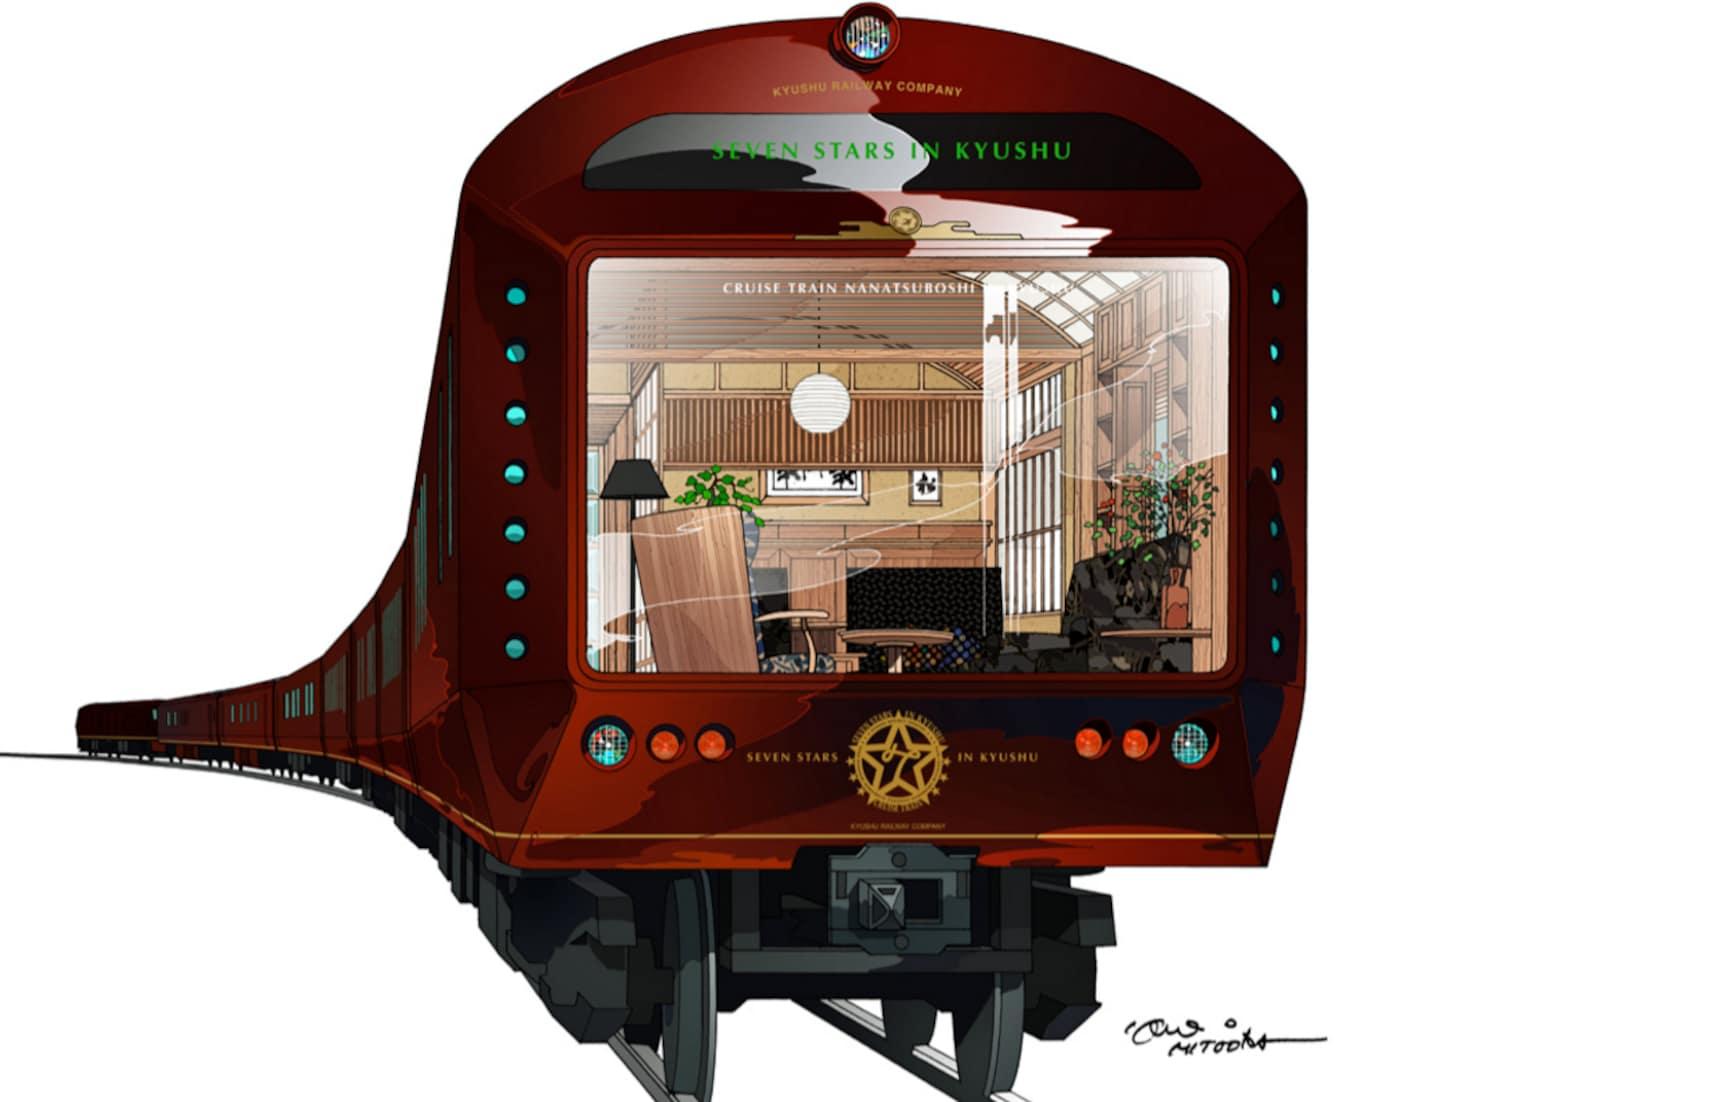 7星级超高级卧铺列车 — 九州七星号